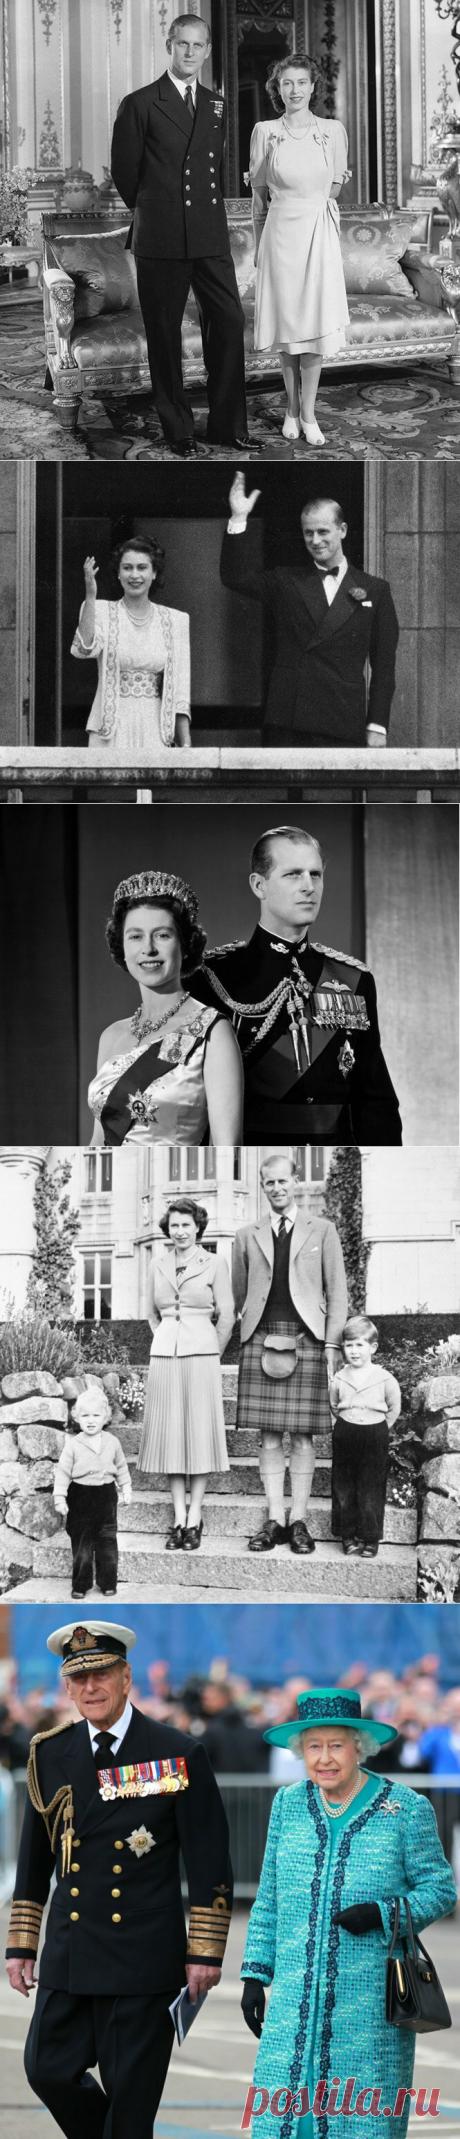 Елизавета II и принц Филипп женаты 72 года: посмотрите их лучшие фото за это время   ЗВЕЗДЫ И ИХ ЖИЗНЬ   Яндекс Дзен